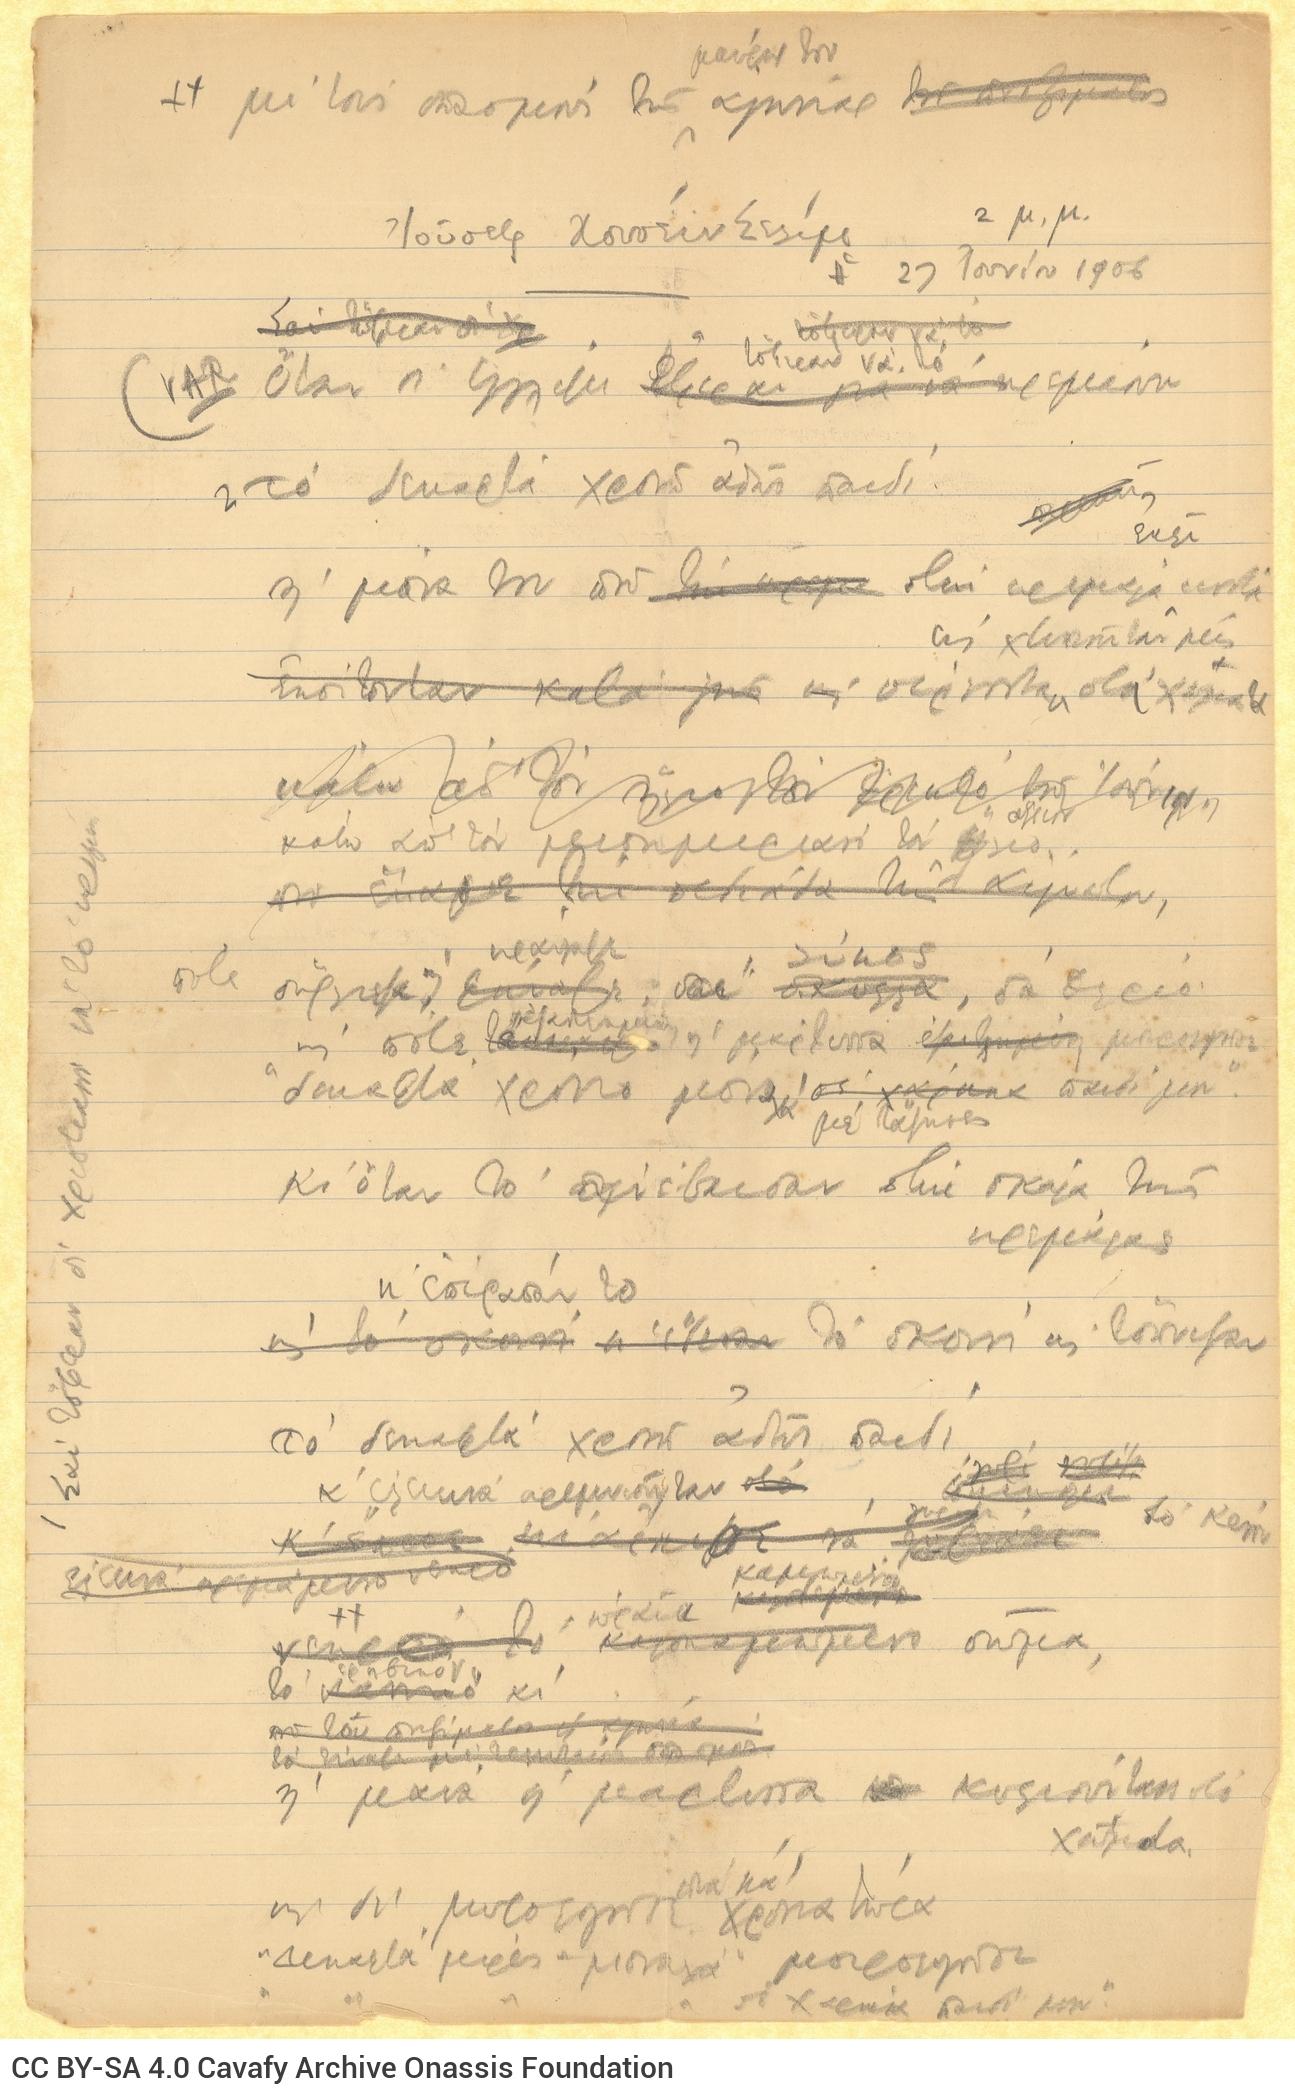 Χειρόγραφο του ποιήματος «Ιούσεφ Χουσέιν Σελίμ, 27 Ιουνίου 1906 2 μ.μ.»